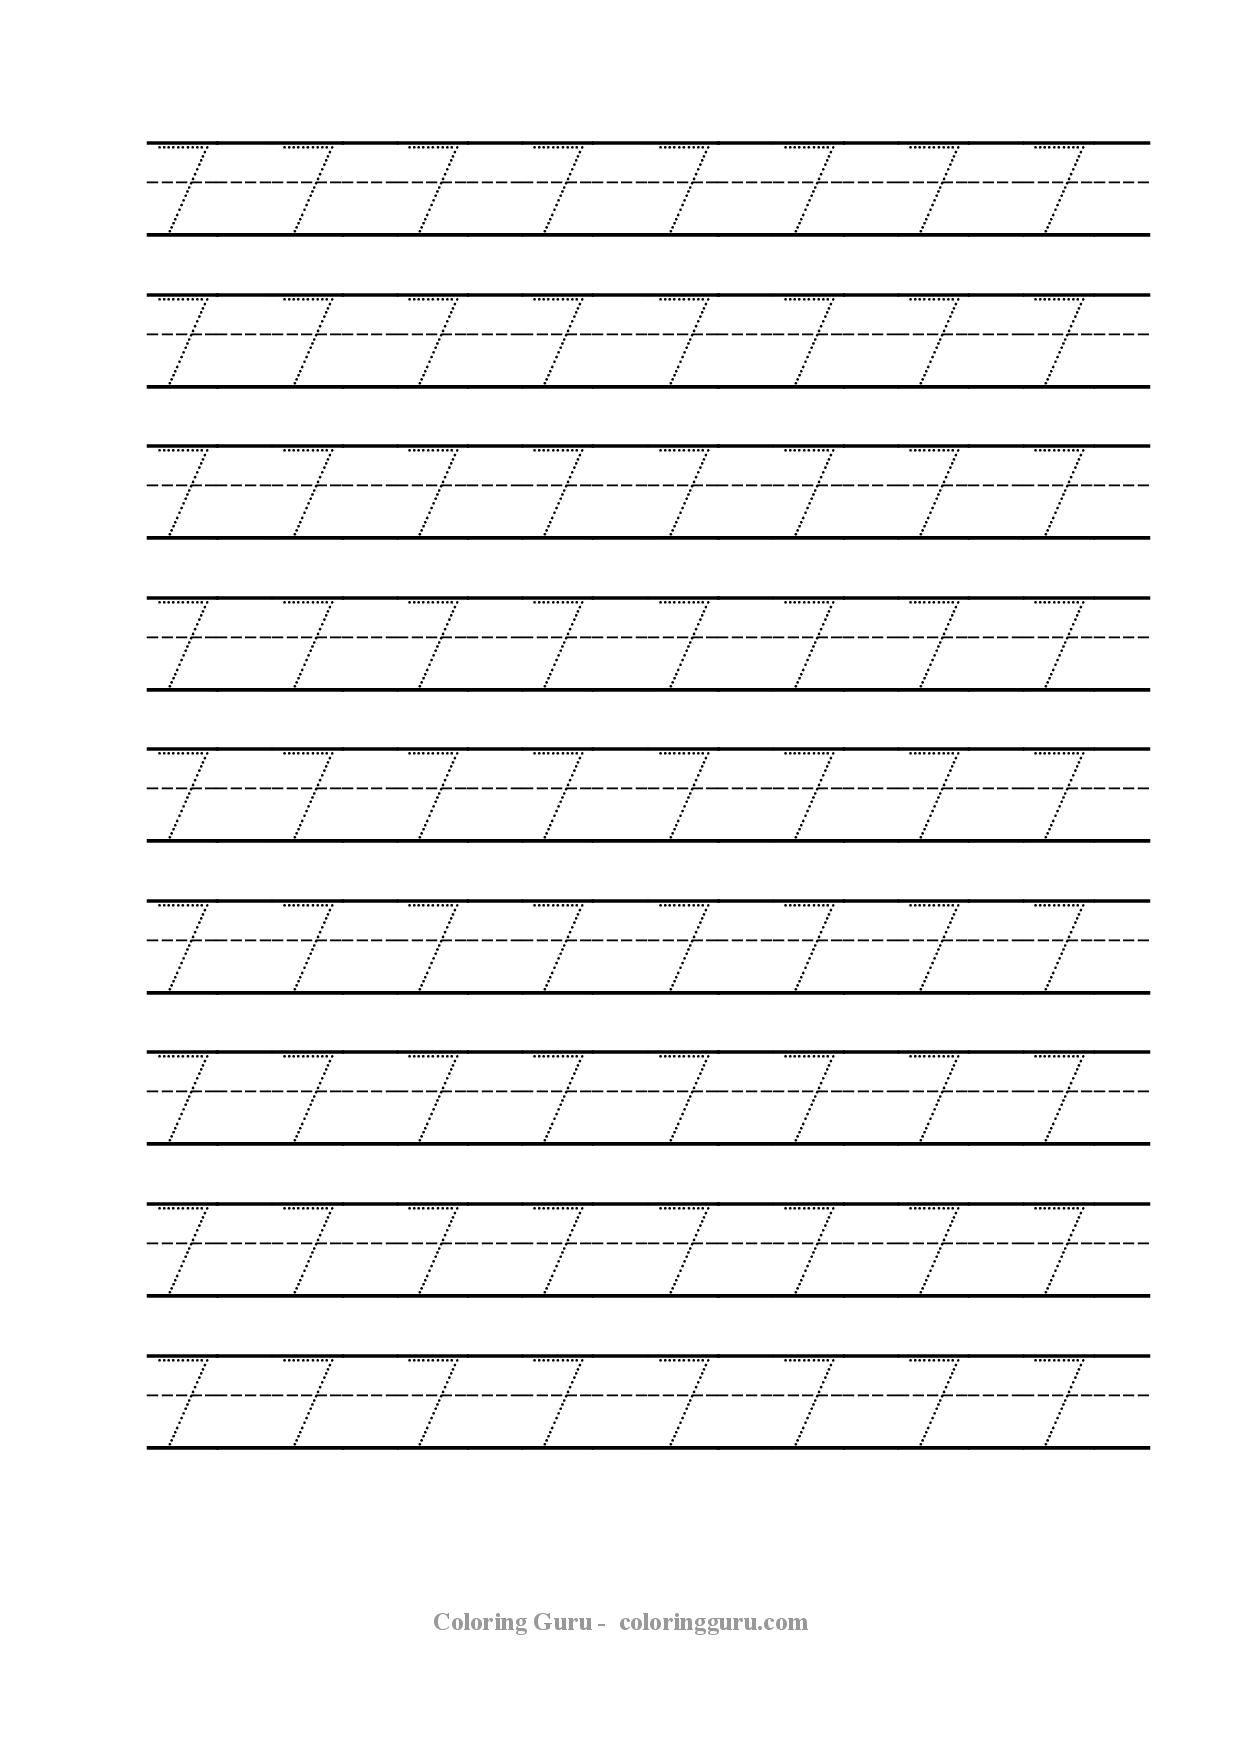 Free Printable Tracing Number 7 Worksheets Kids Math Worksheets Preschool Worksheets Preschool Number Worksheets